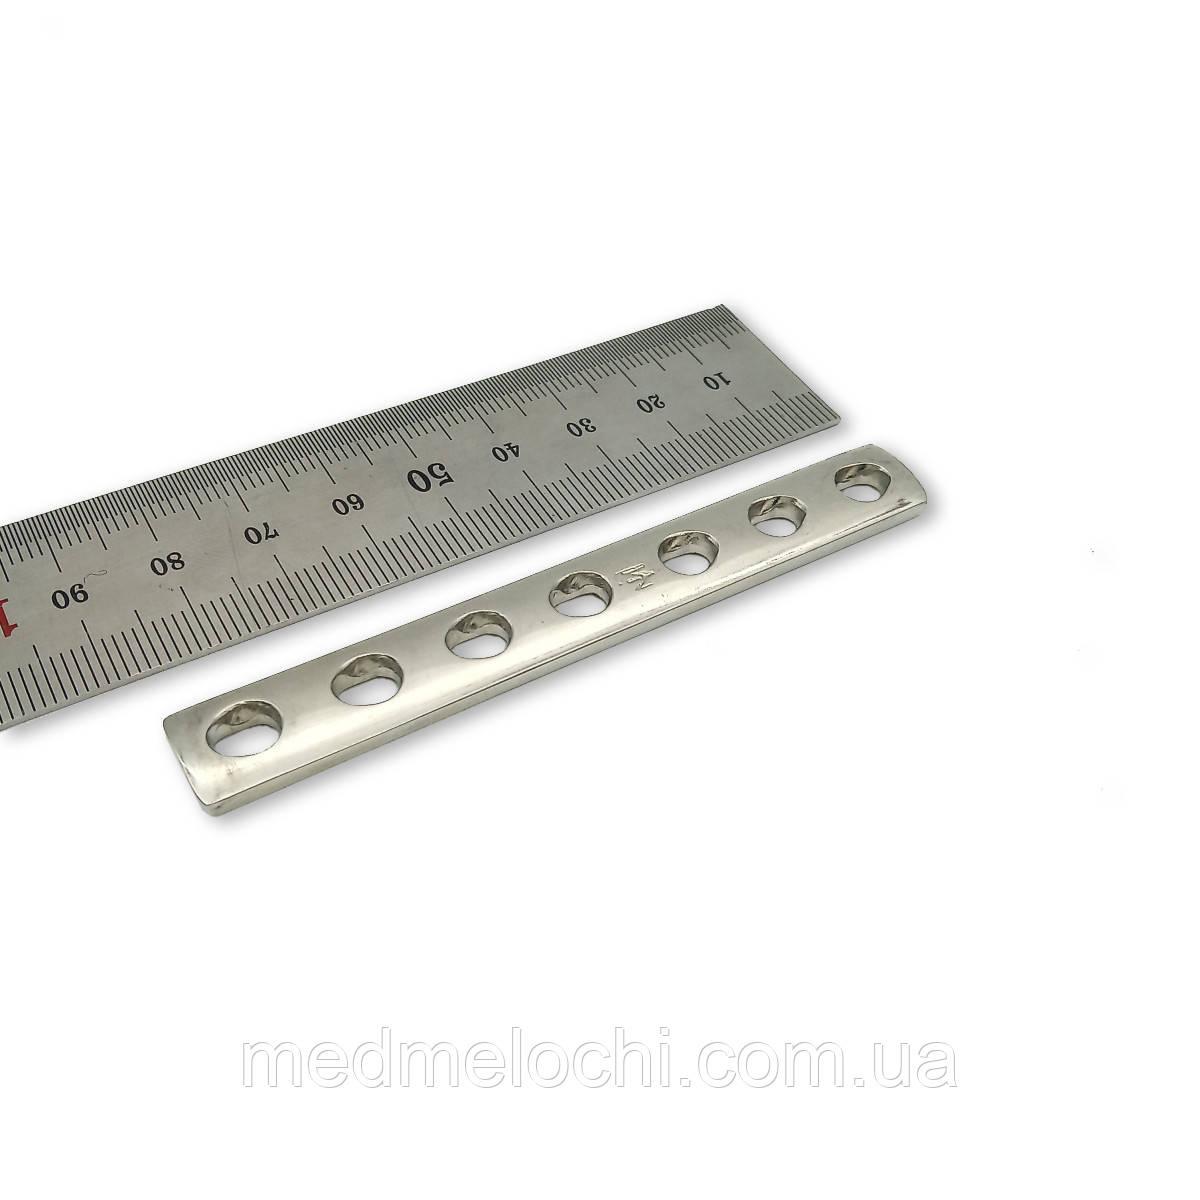 Пластина однорядка L = 86мм, D = 3,5 мм, 7 отв,